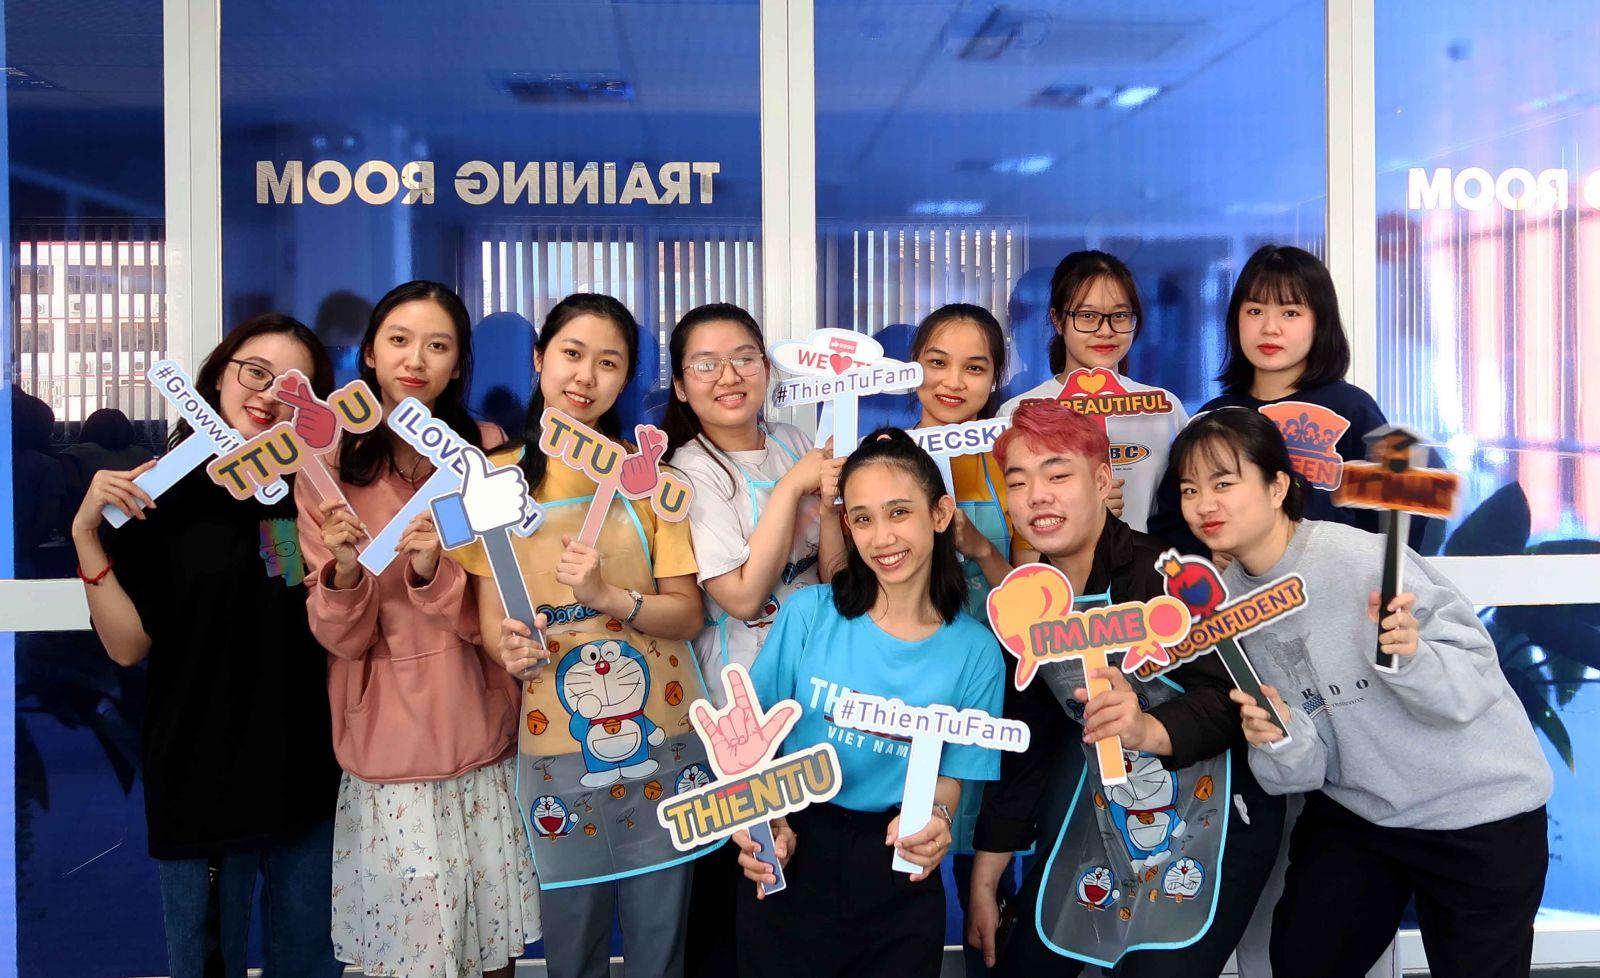 Văn hóa doanh nghiệp Thiên Tú